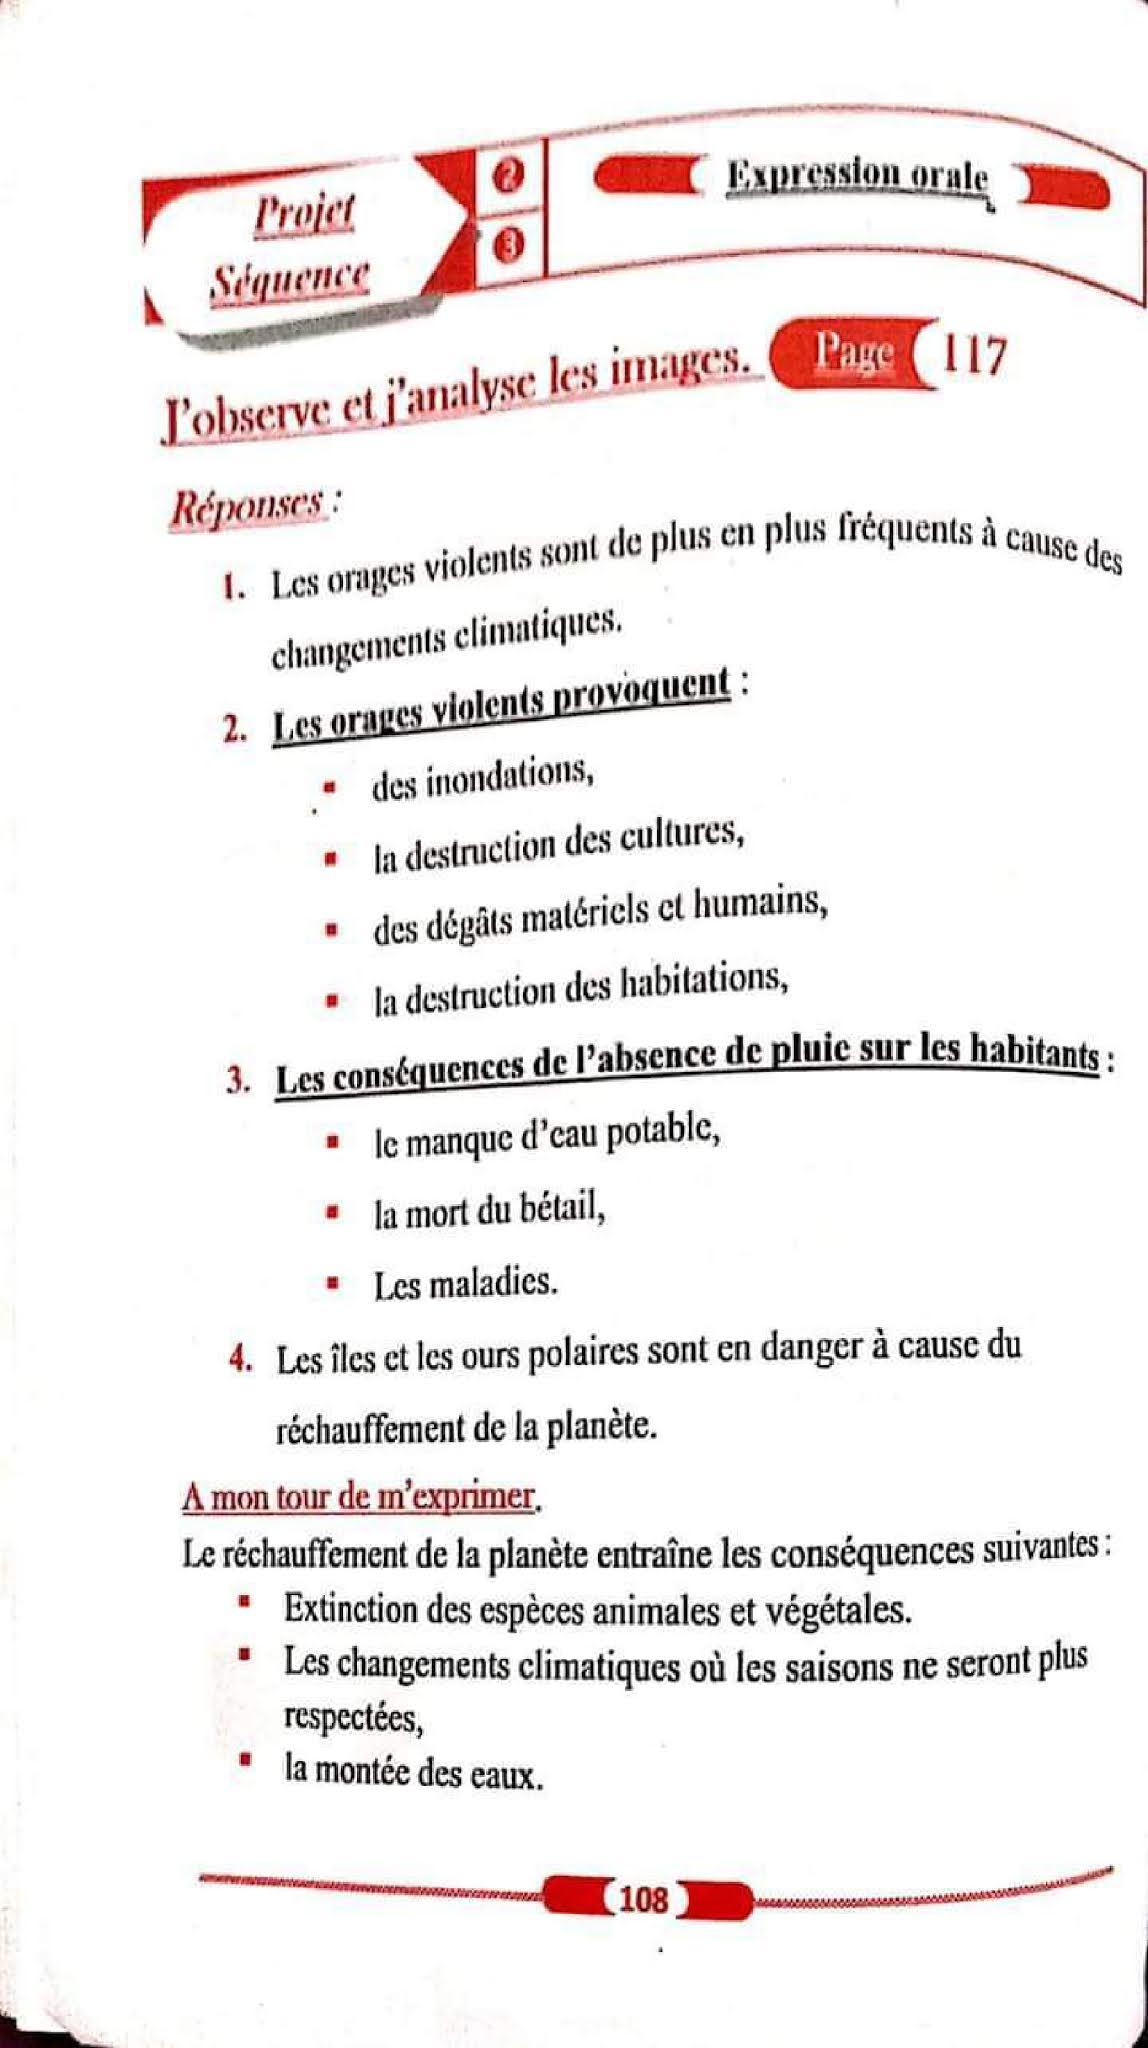 حل تمارين صفحة 117 الفرنسية للسنة الأولى متوسط الجيل الثاني